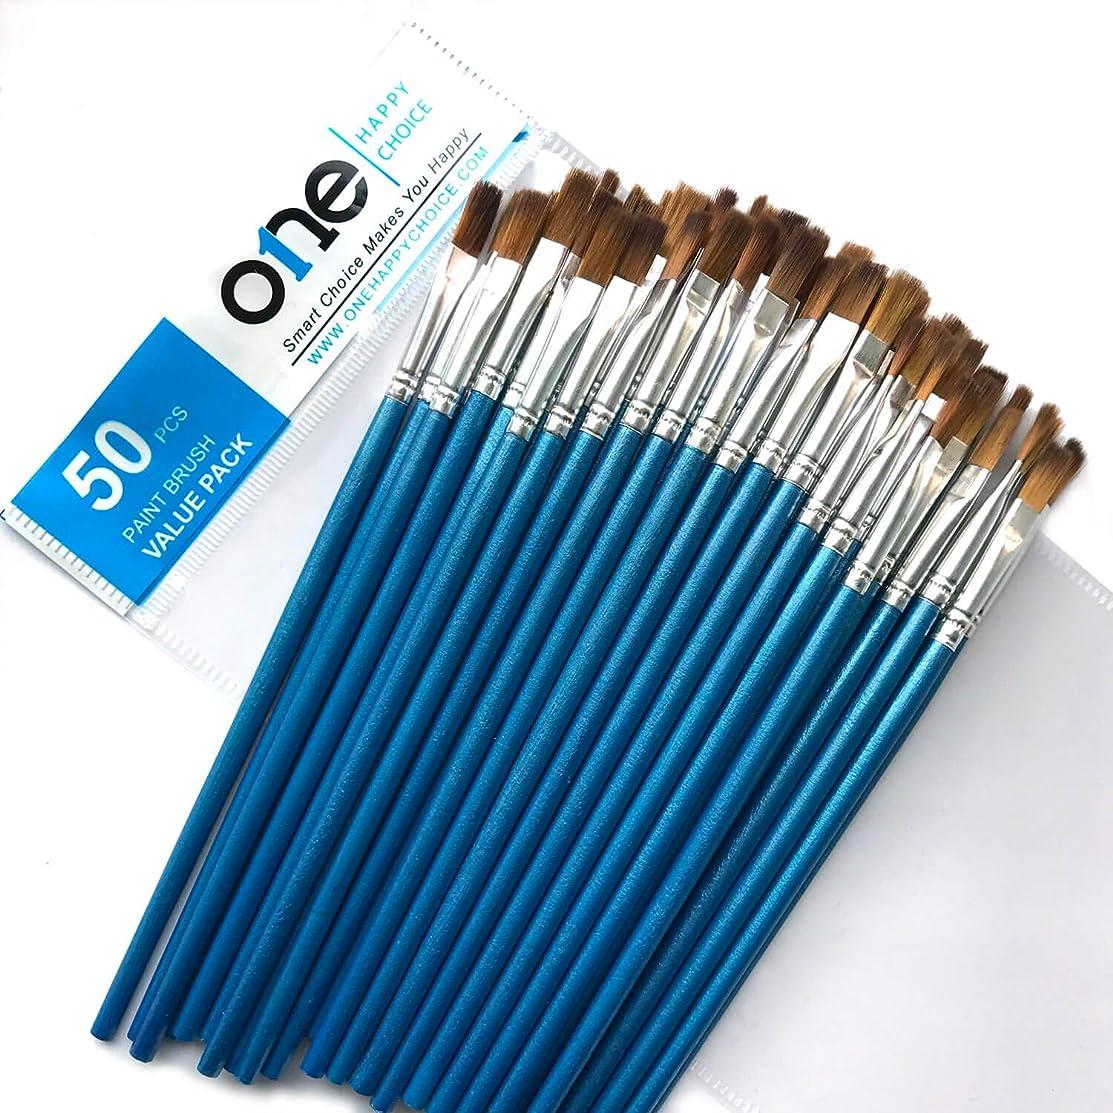 フラットペイントブラシ50本入りバリューパック 合成セーブルソフトヘア 小型サイズ ショートハンドル アクリル/油/水彩画用バルクブラシセット 正確なメイクアップ/ドライブラシ/ブレンド